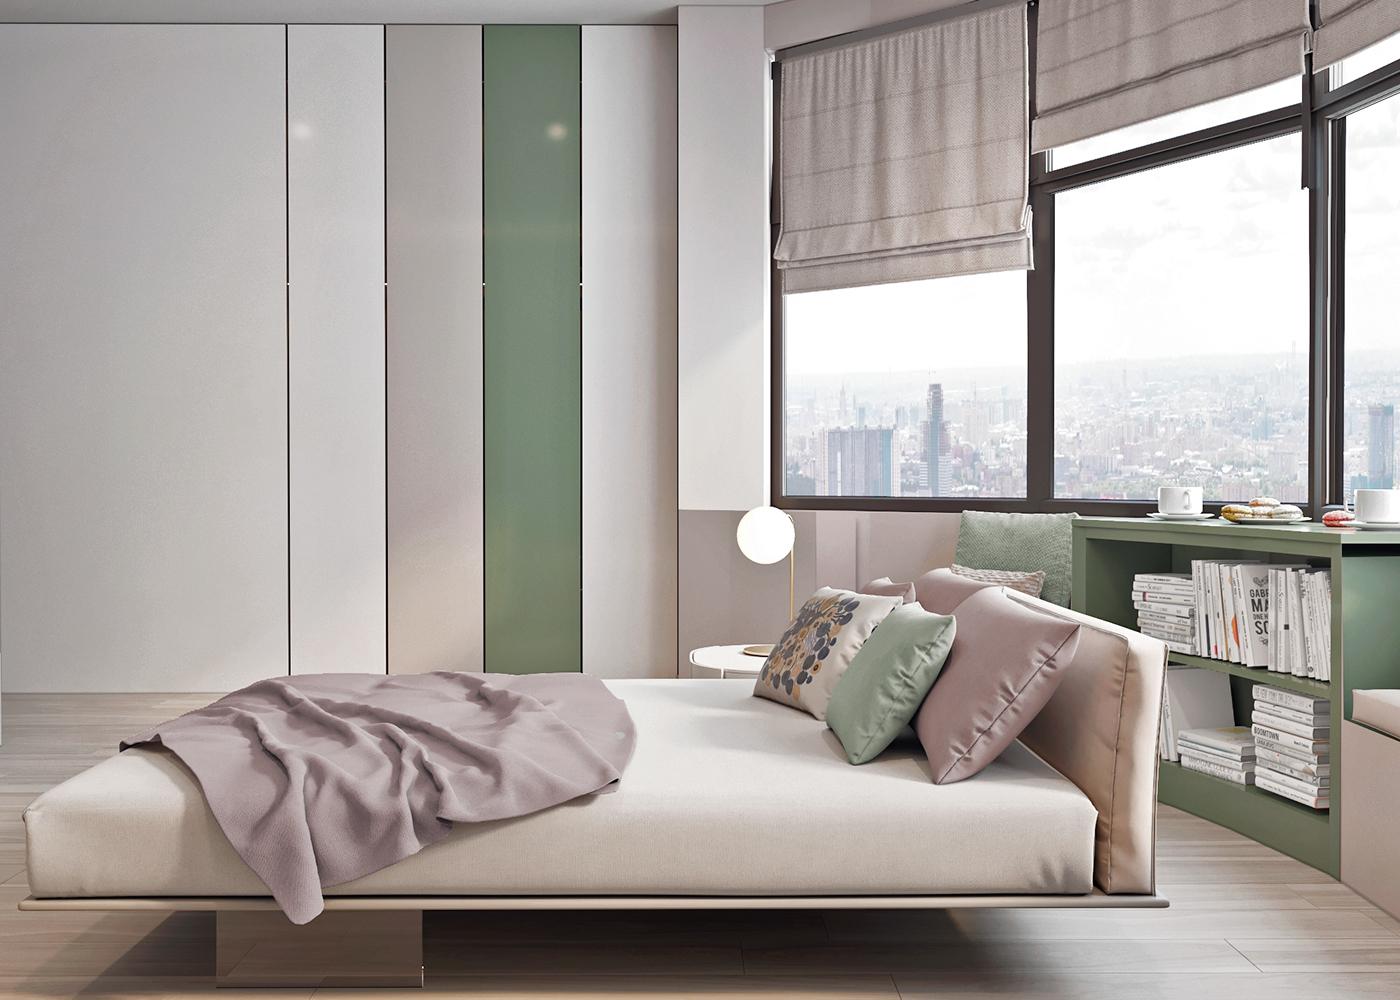 Moderne Slaapkamer Ideeen : Moderne slaapkamer met zachte pastelkleuren slaapkamer ideeën